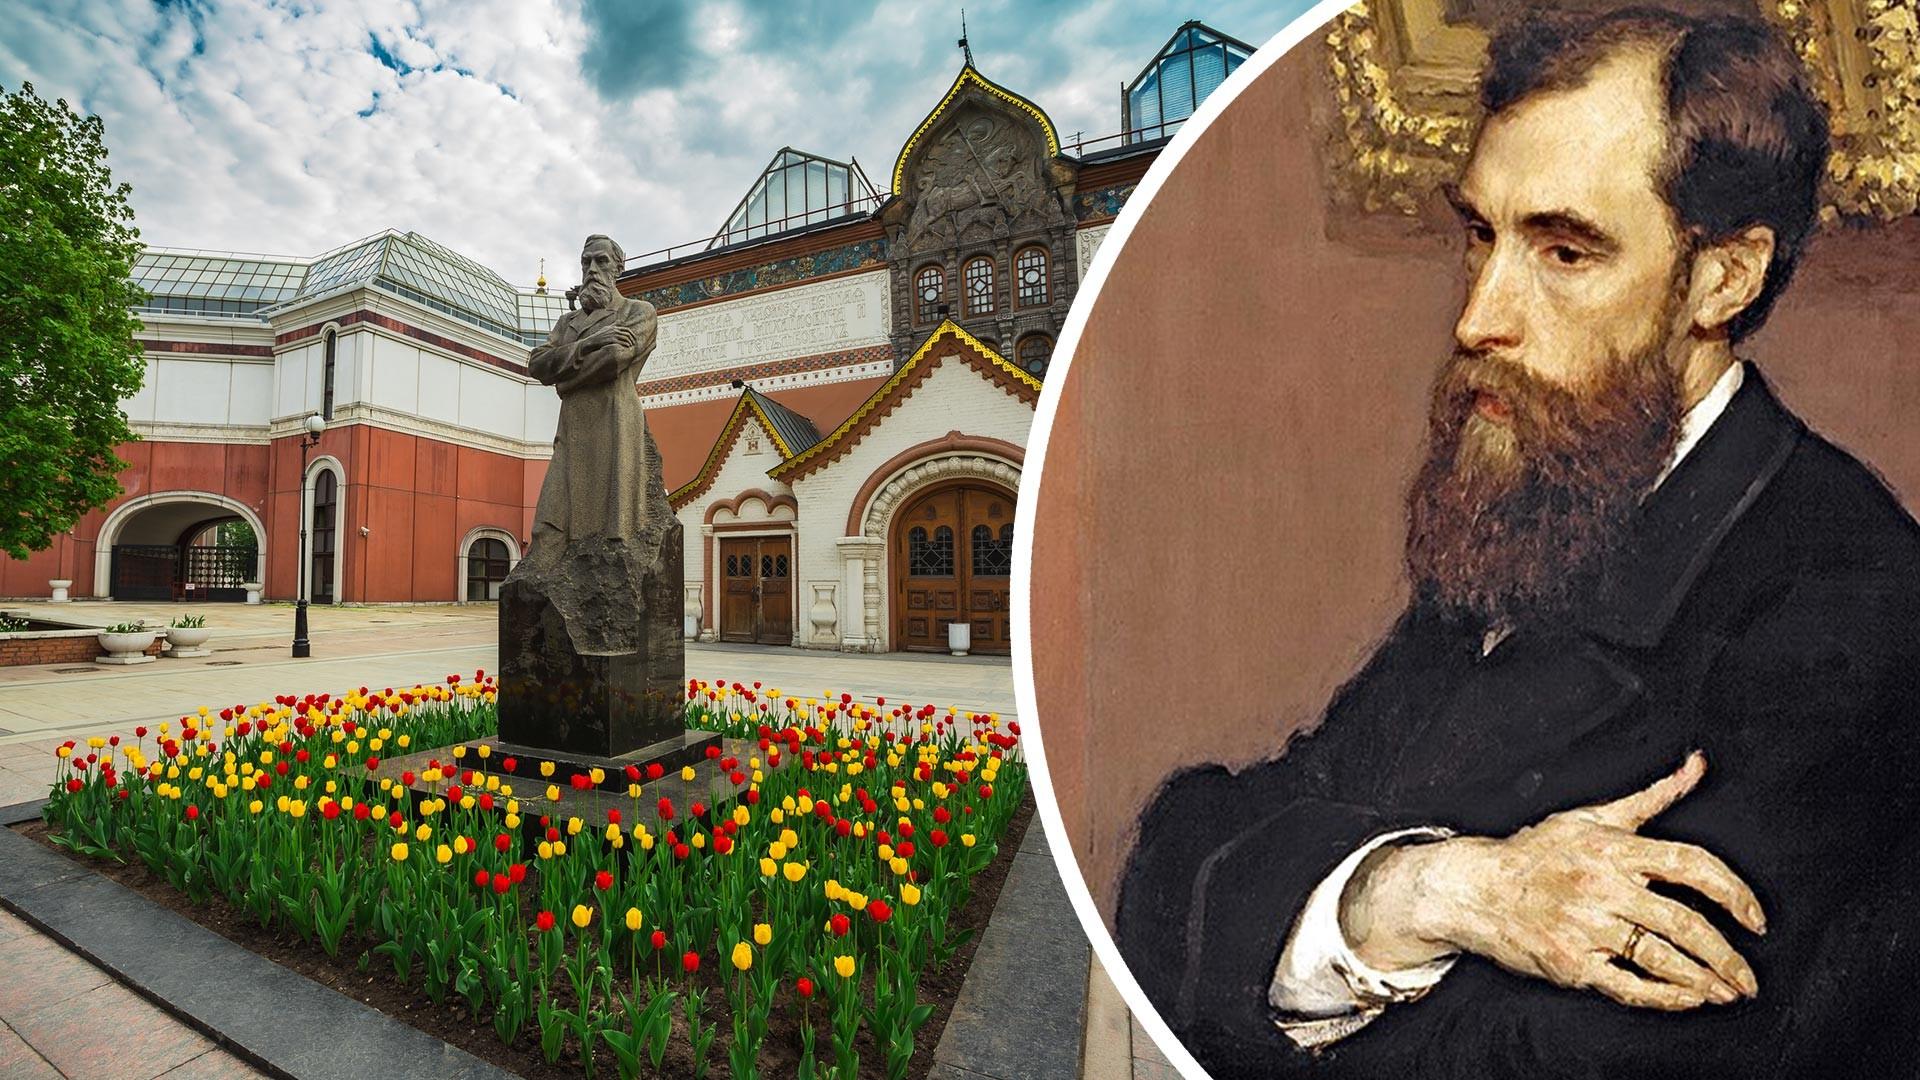 Monumento a Pavel Tretjakov davanti alla galleria; Ritratto di Pavel Tretjakov realizzato da Ilja Repin